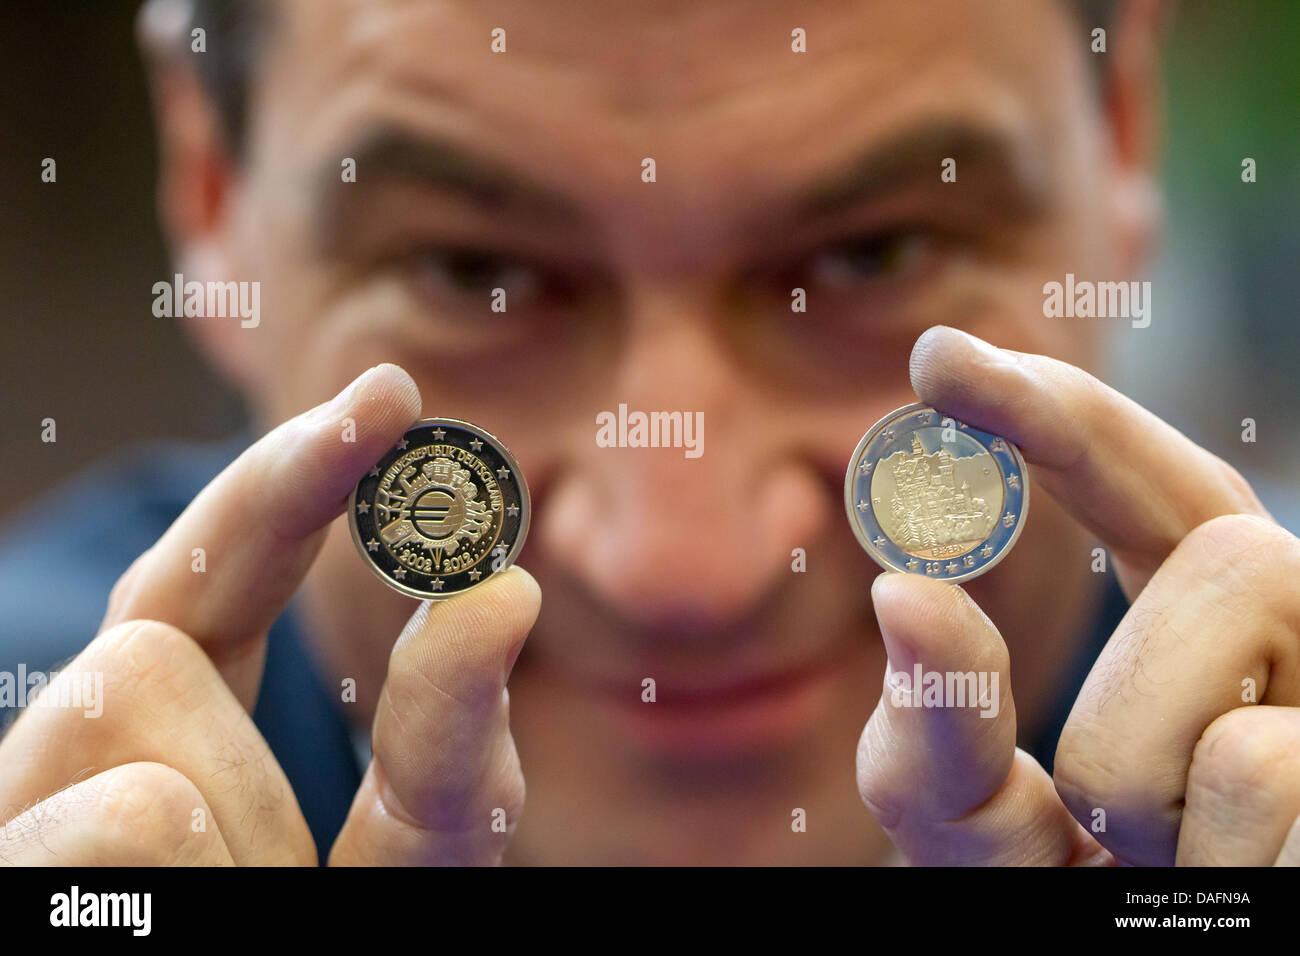 Der Bayerische Finanzminister Markus Soeder Sieht Die Beiden Neuen